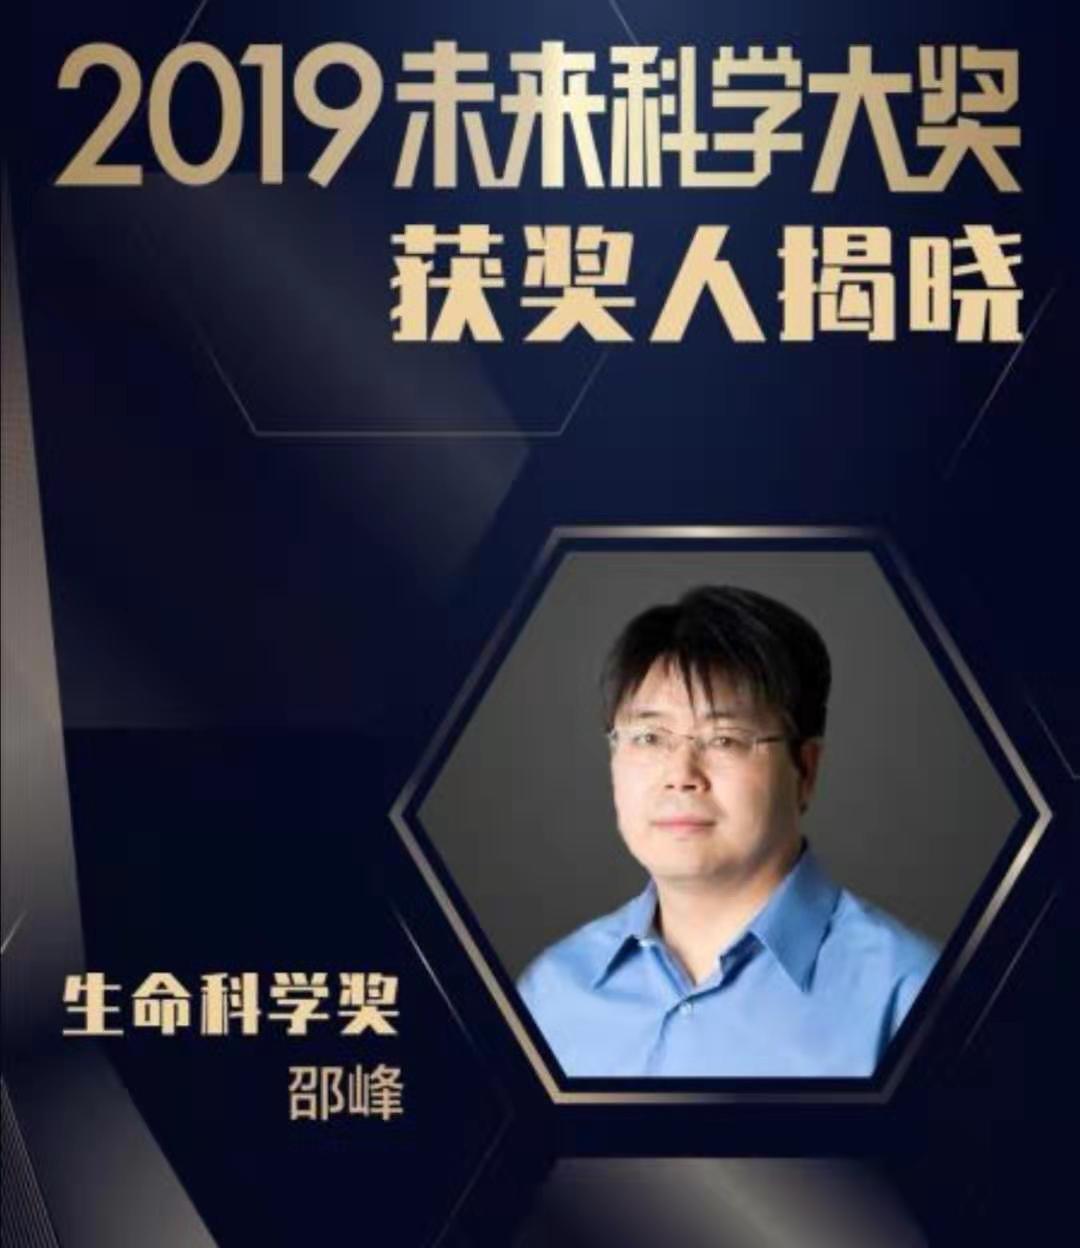 2019未来科学大奖获奖者揭晓 单项奖金100万美元